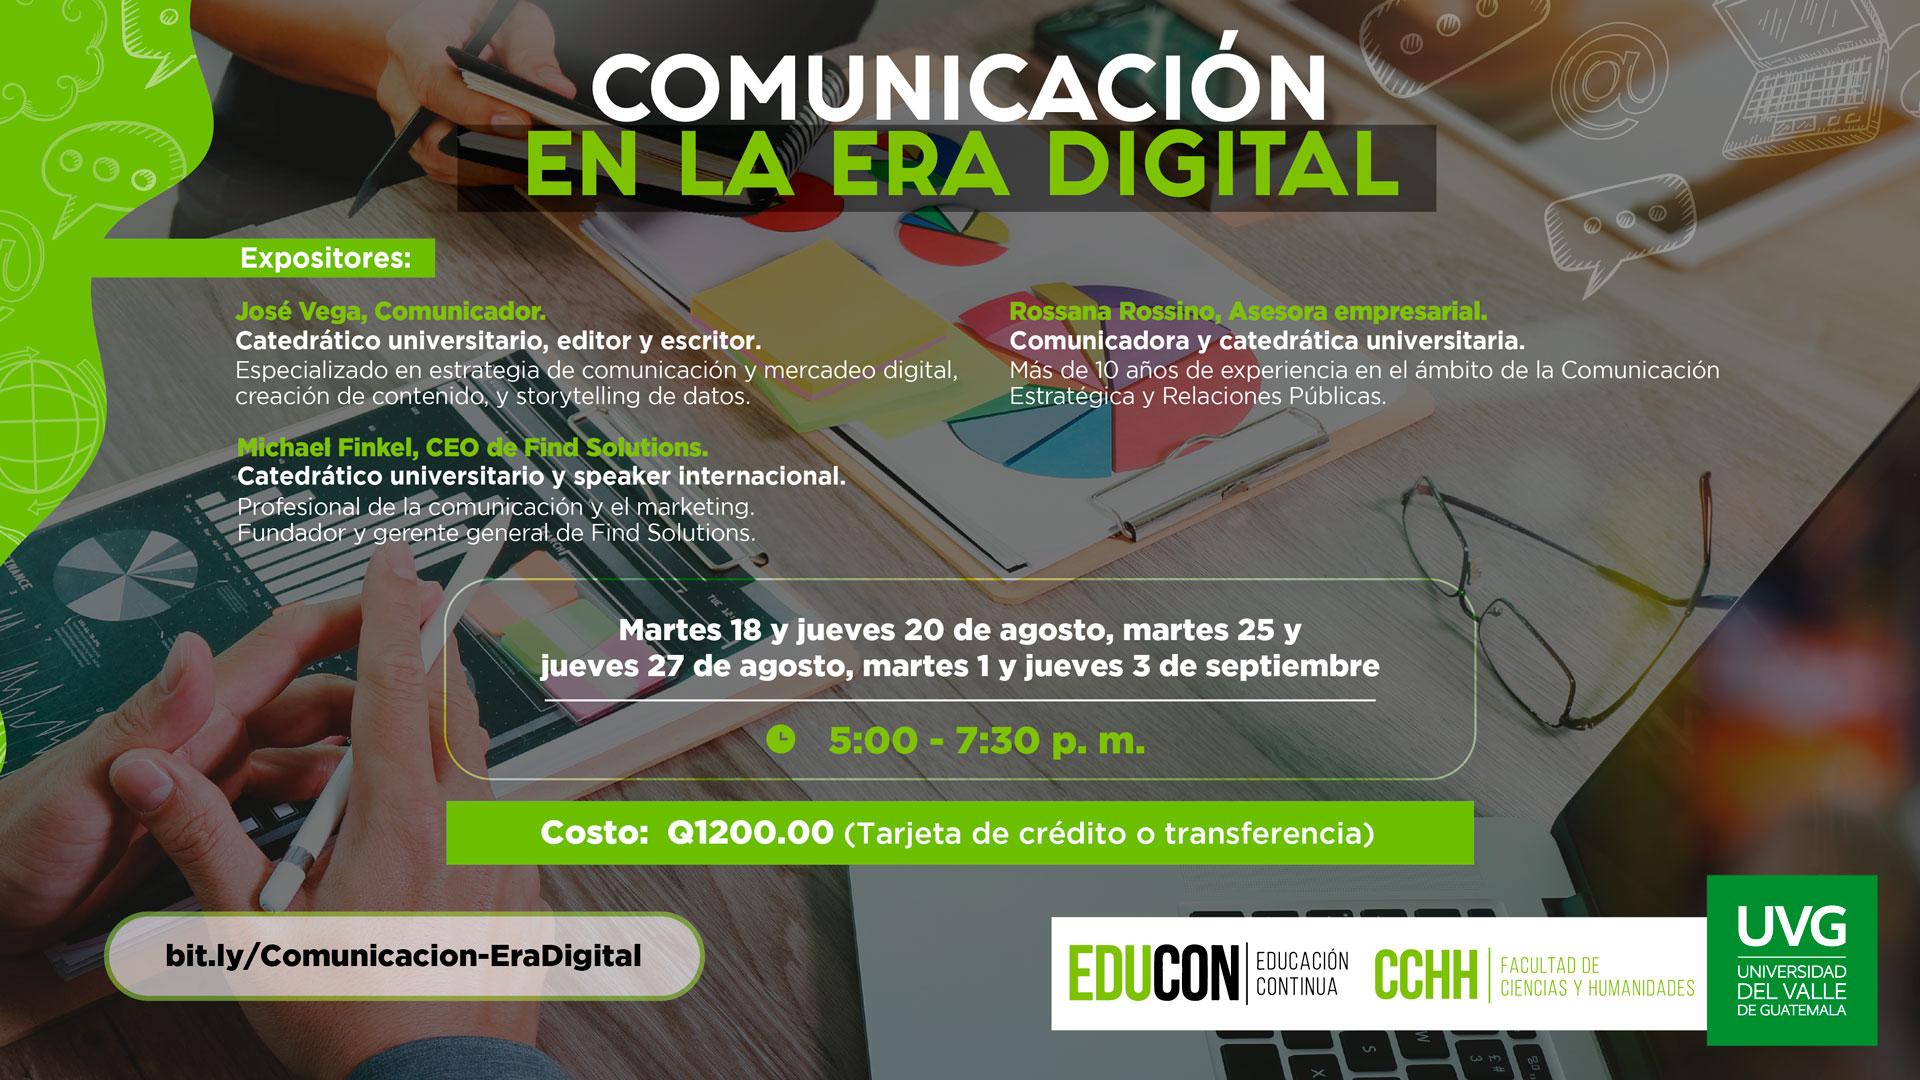 COMUNICACIÓN EN LA ERA DIGITAL